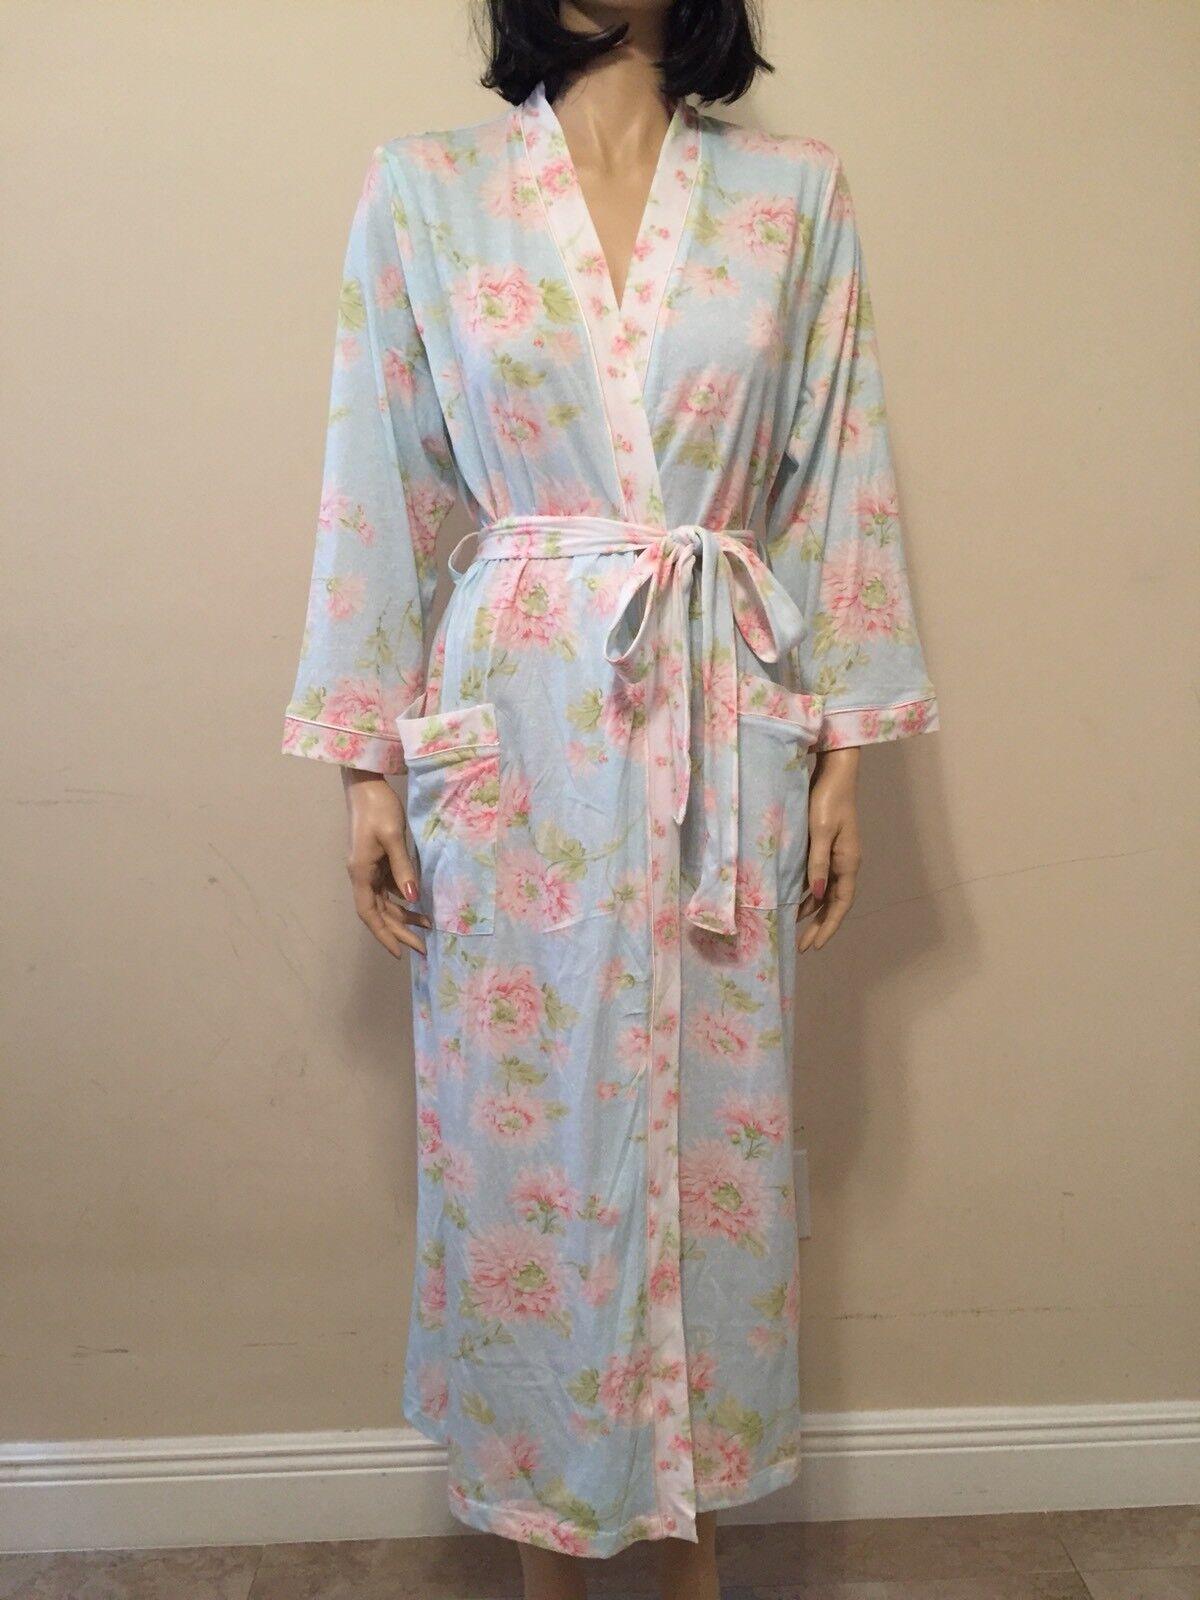 Carole Hochman  Cotton  Blend Floral Robe Size L NWT